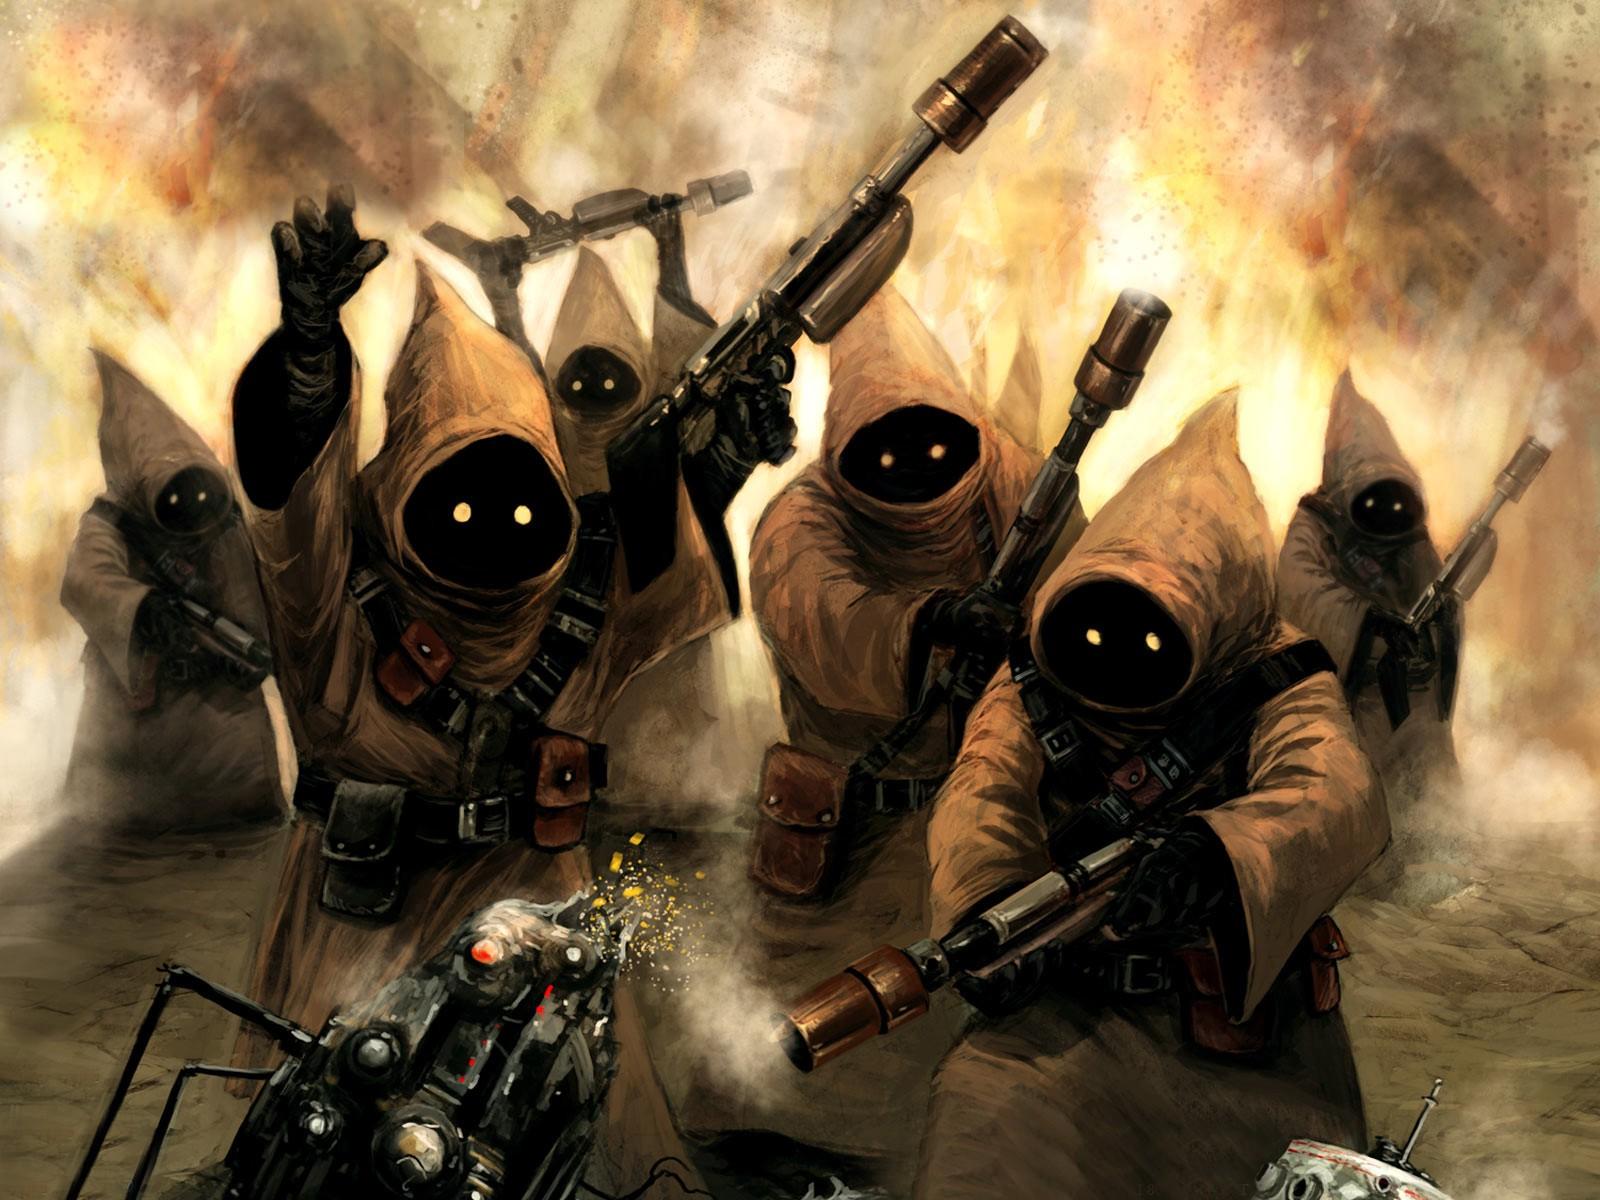 Wallpaper Star Wars Gun War Weapon Soldier Science